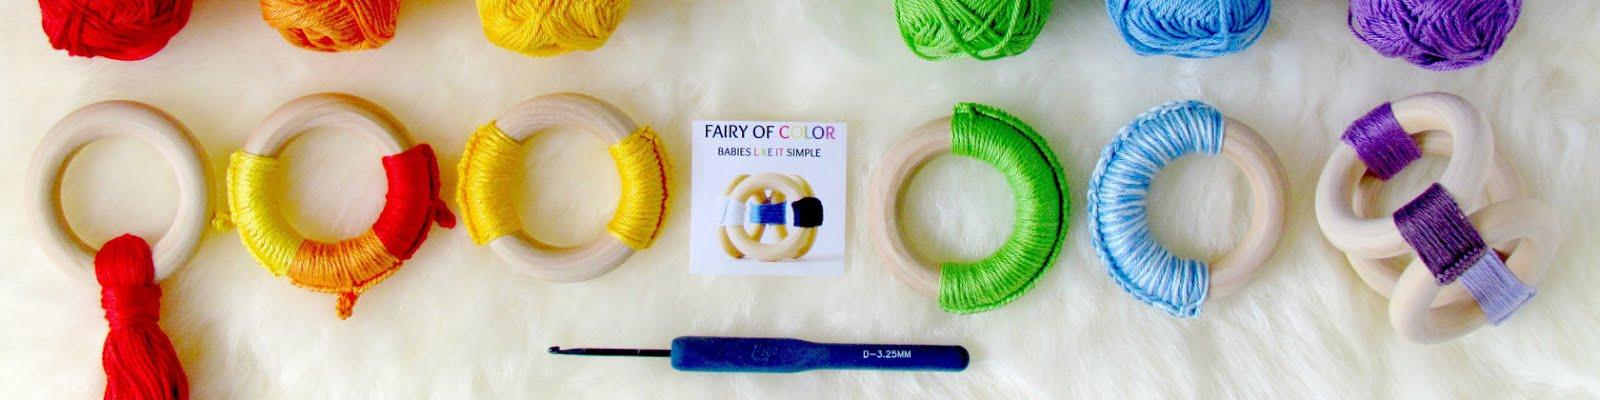 FairyOfColor